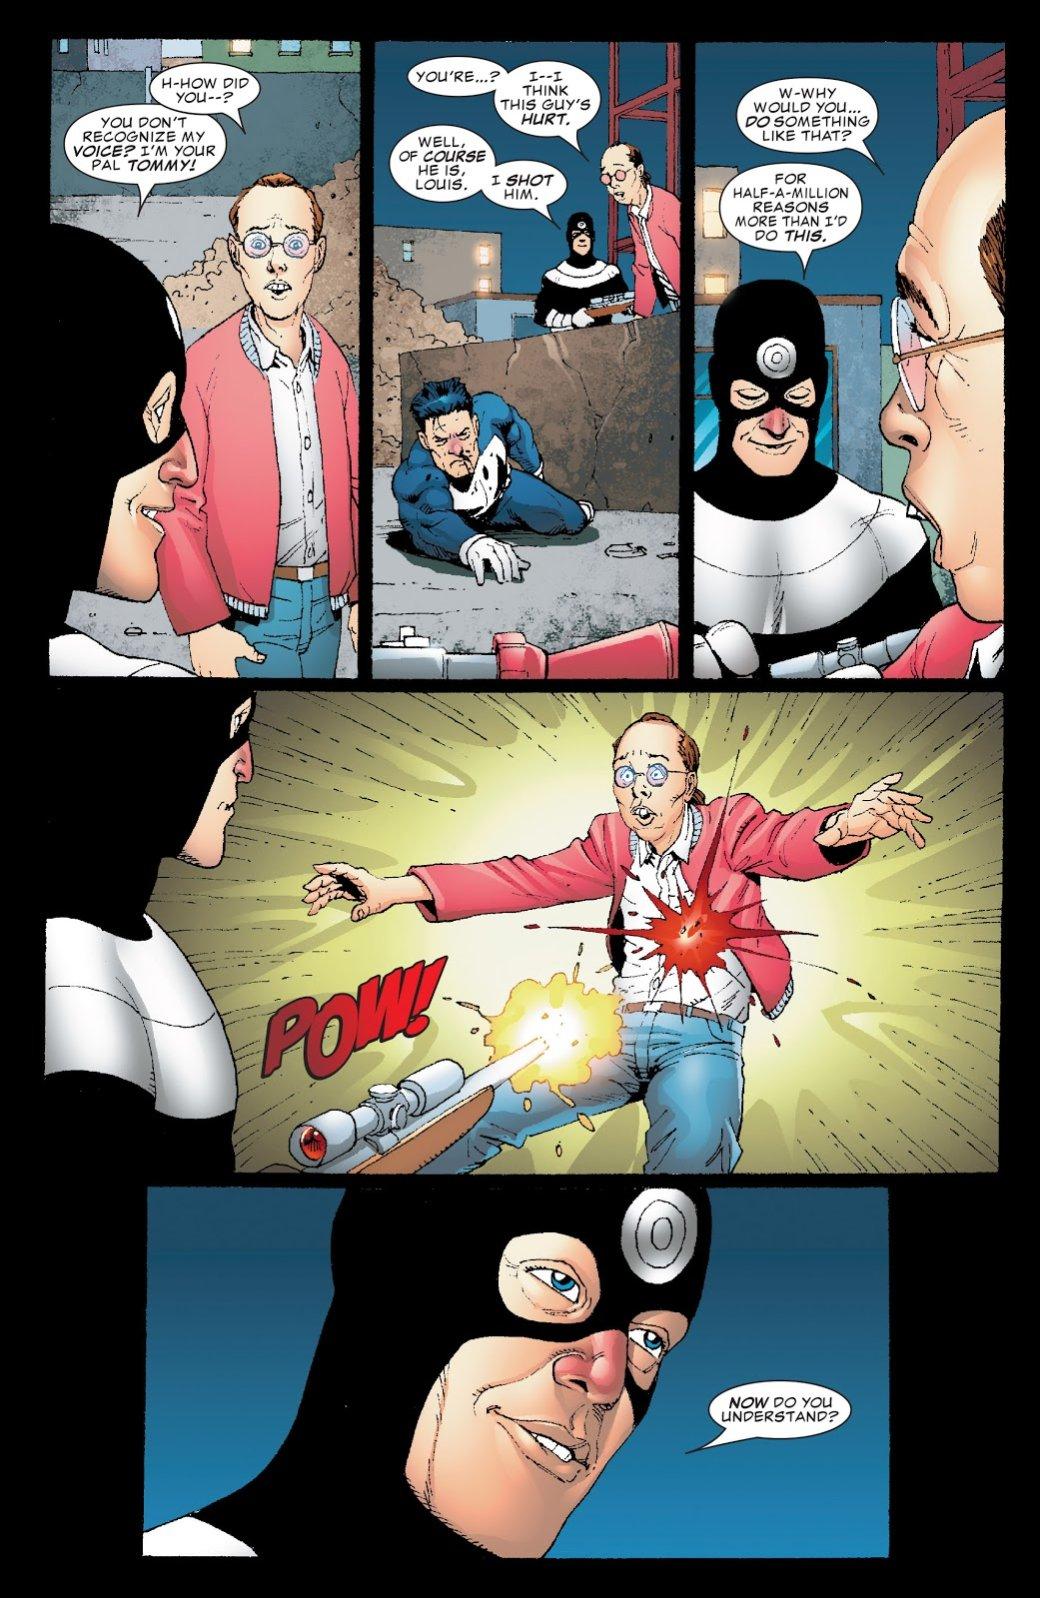 10 жестоких комиксов про Карателя. - Изображение 7